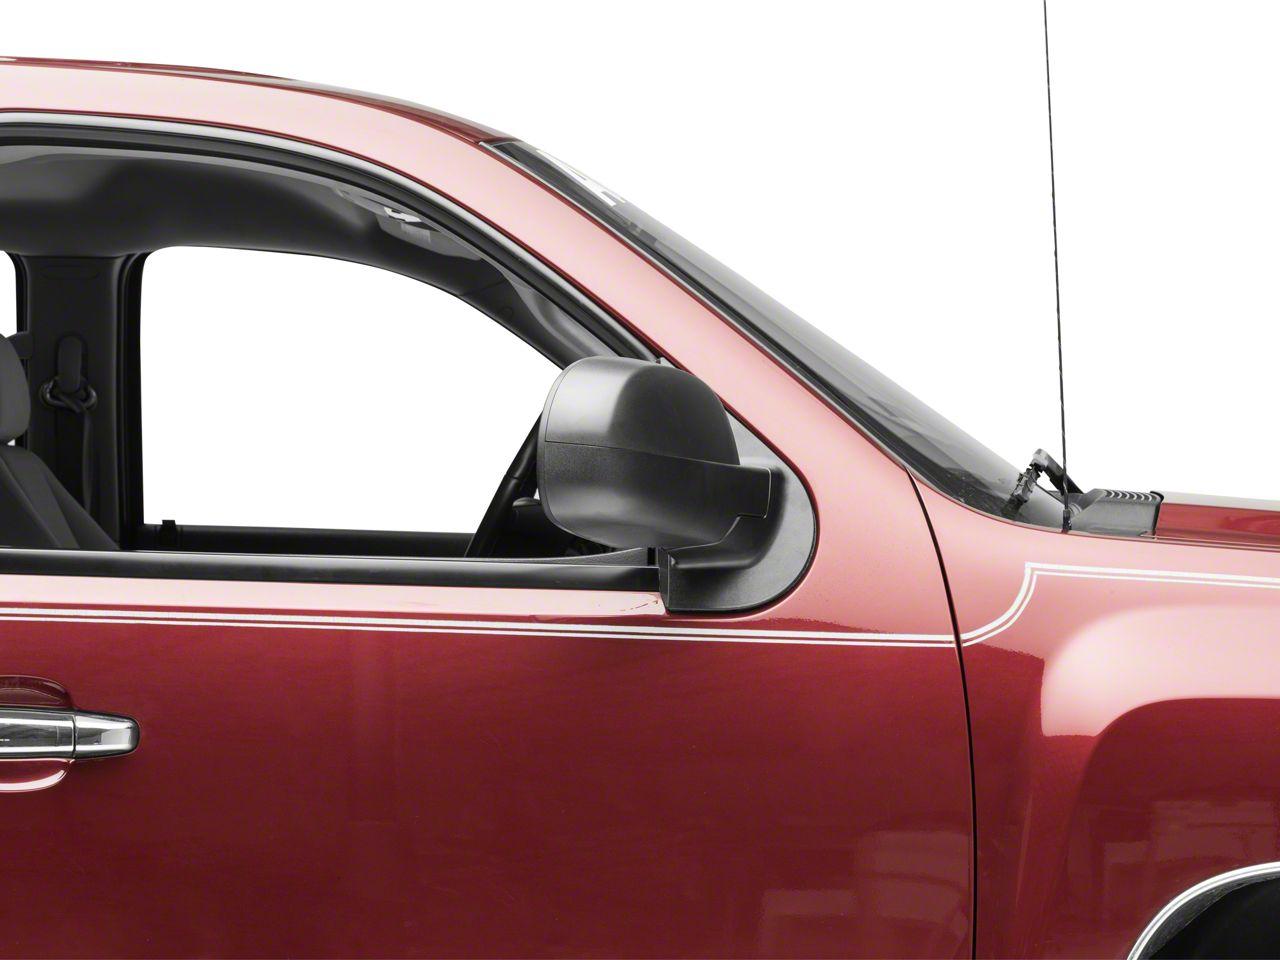 OPR Manual Foldaway Mirror - Textured Black (07-13 Silverado 1500)